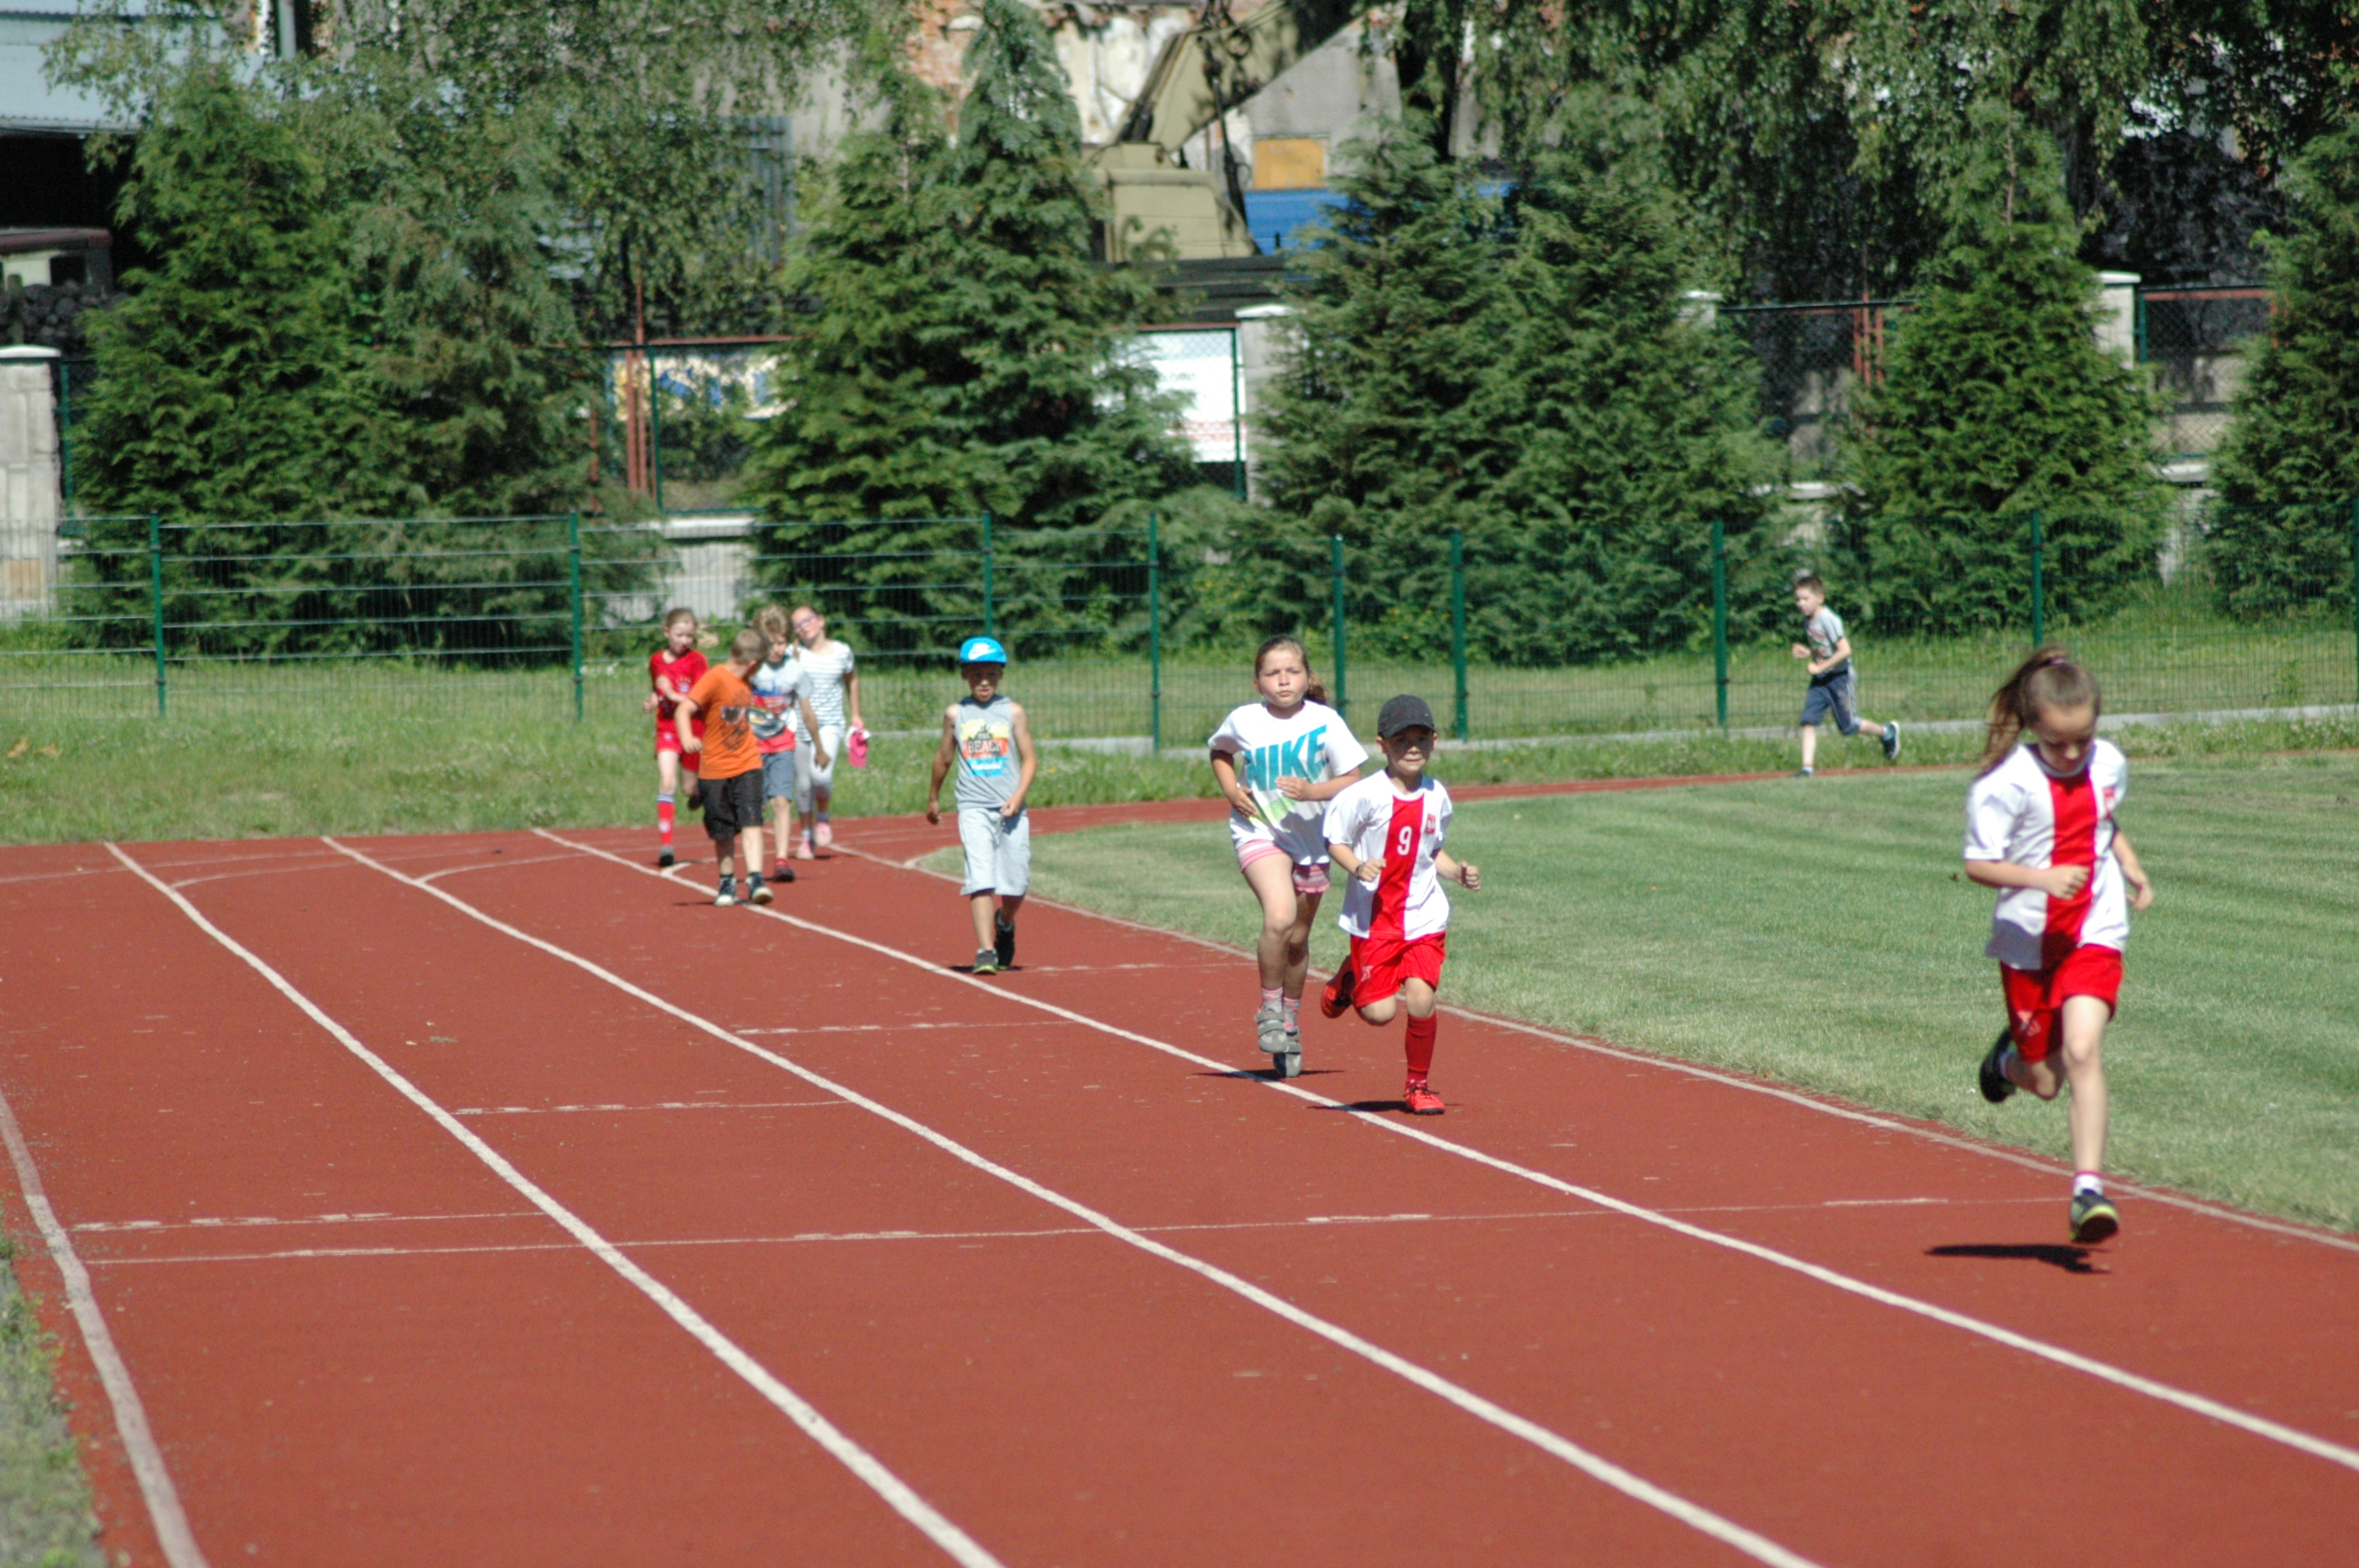 Wycieczka BP i klas I-III do Bystrzycy Kłodzkiej, Bieg na 360m. Autor: M. Biernat, 22.06.2016r.